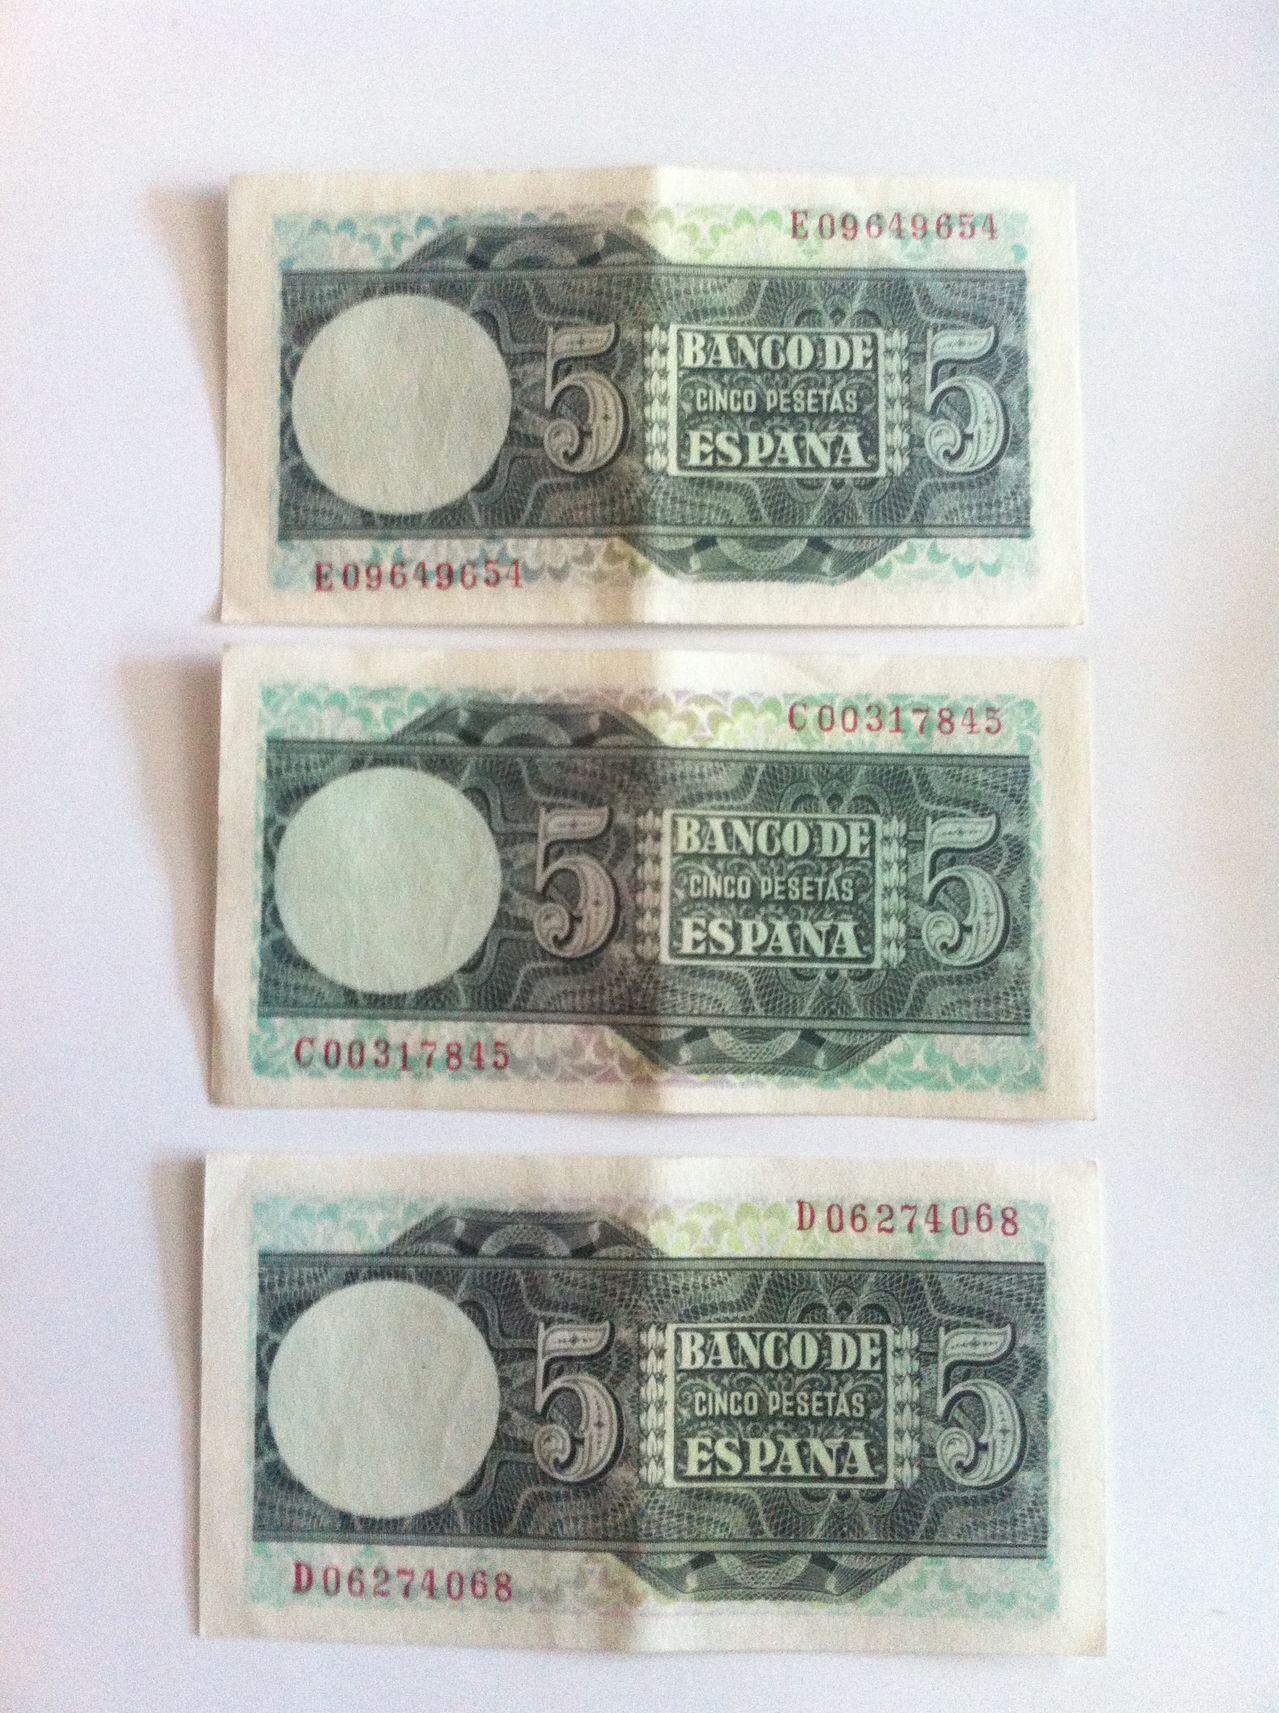 Ayuda para valorar coleccion de billetes IMG_4986